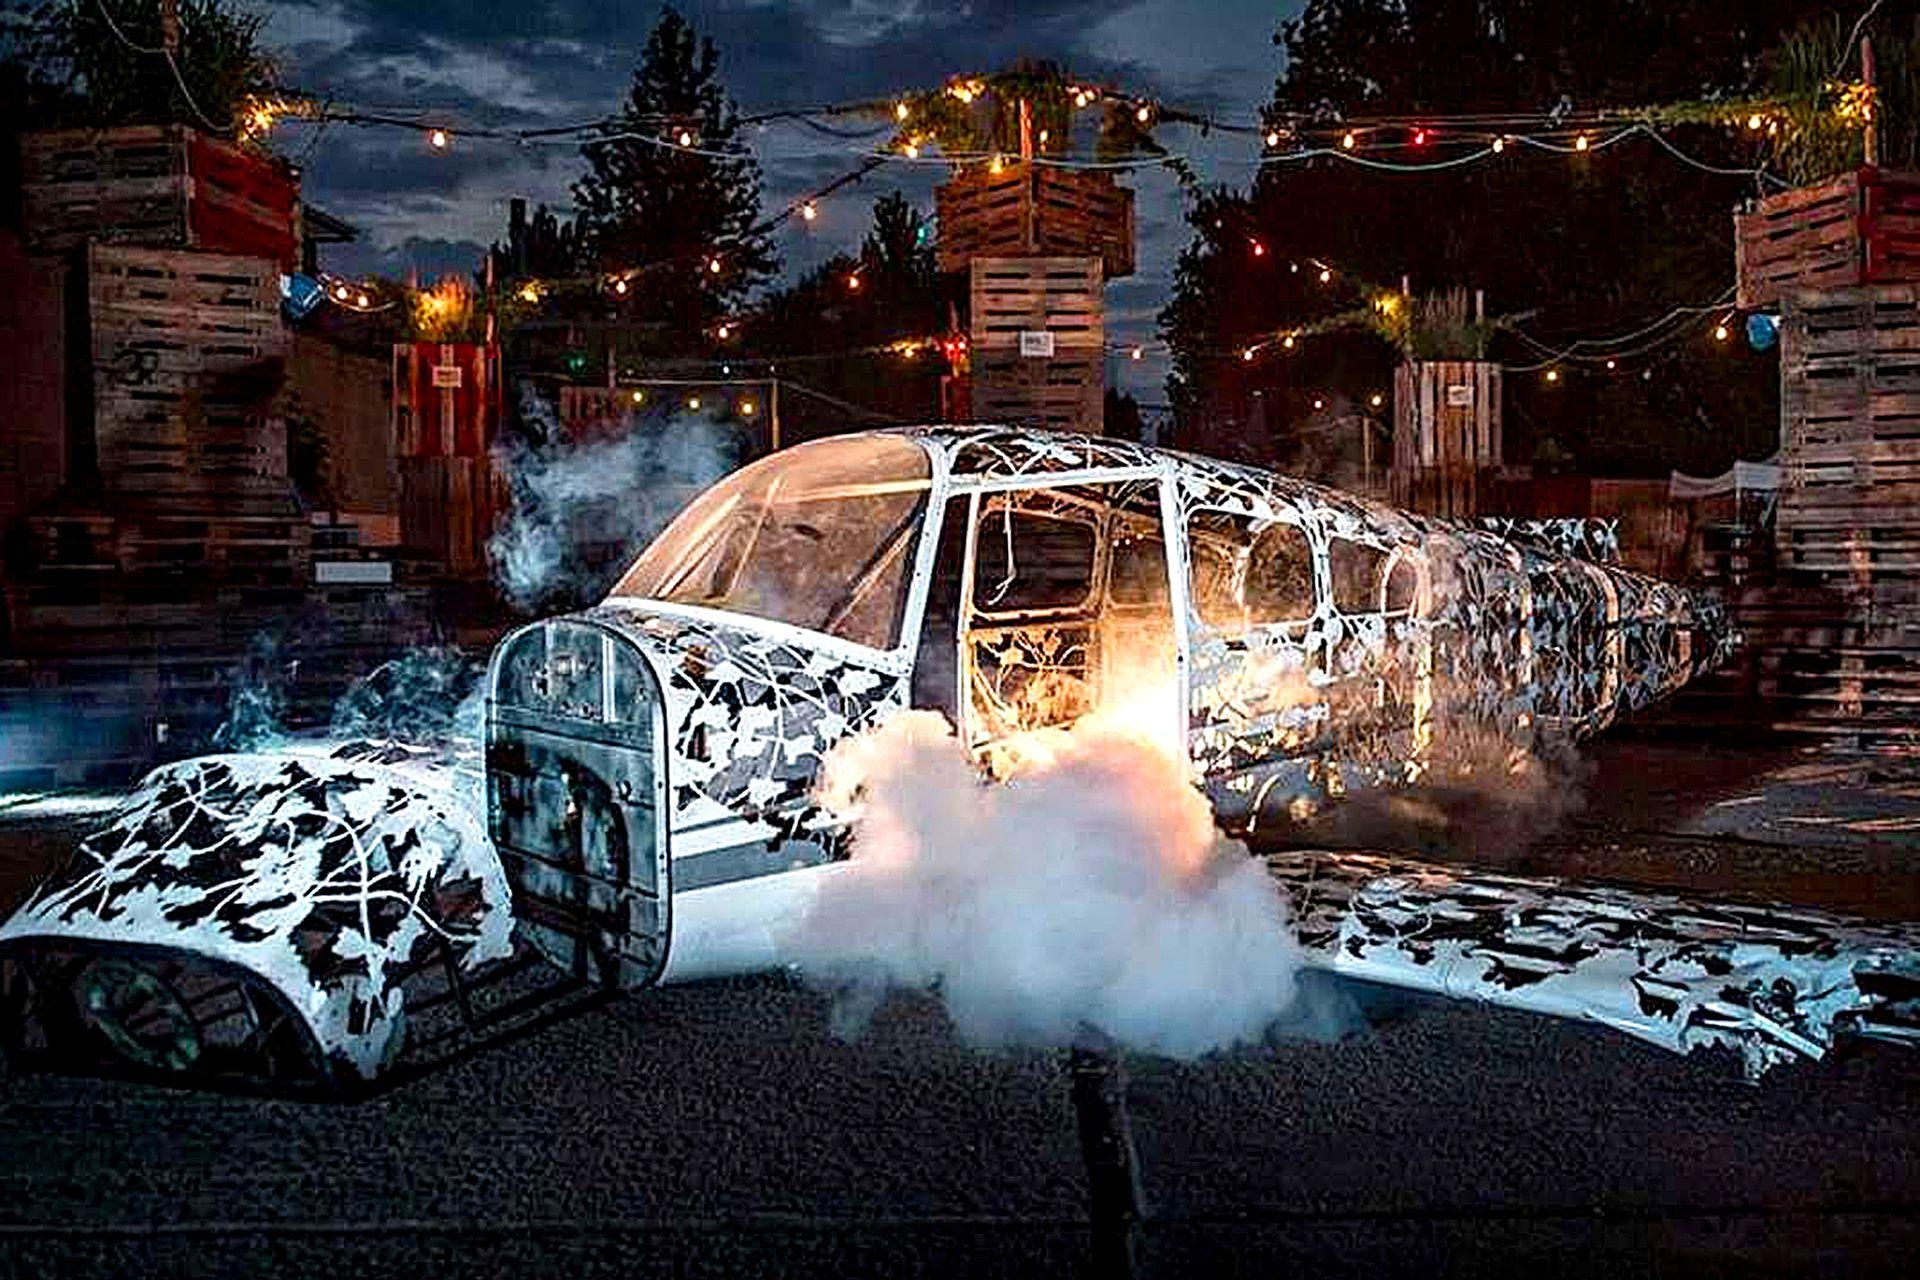 """""""Es un trabajo muy intenso, pero es lo que más disfruto"""" dice Rawlings. El artista talló un camión tanque de combustible, una aeronave pequeña, y una furgoneta para dejar solo un esqueleto de acero conformado por ramas y troncos de árboles"""